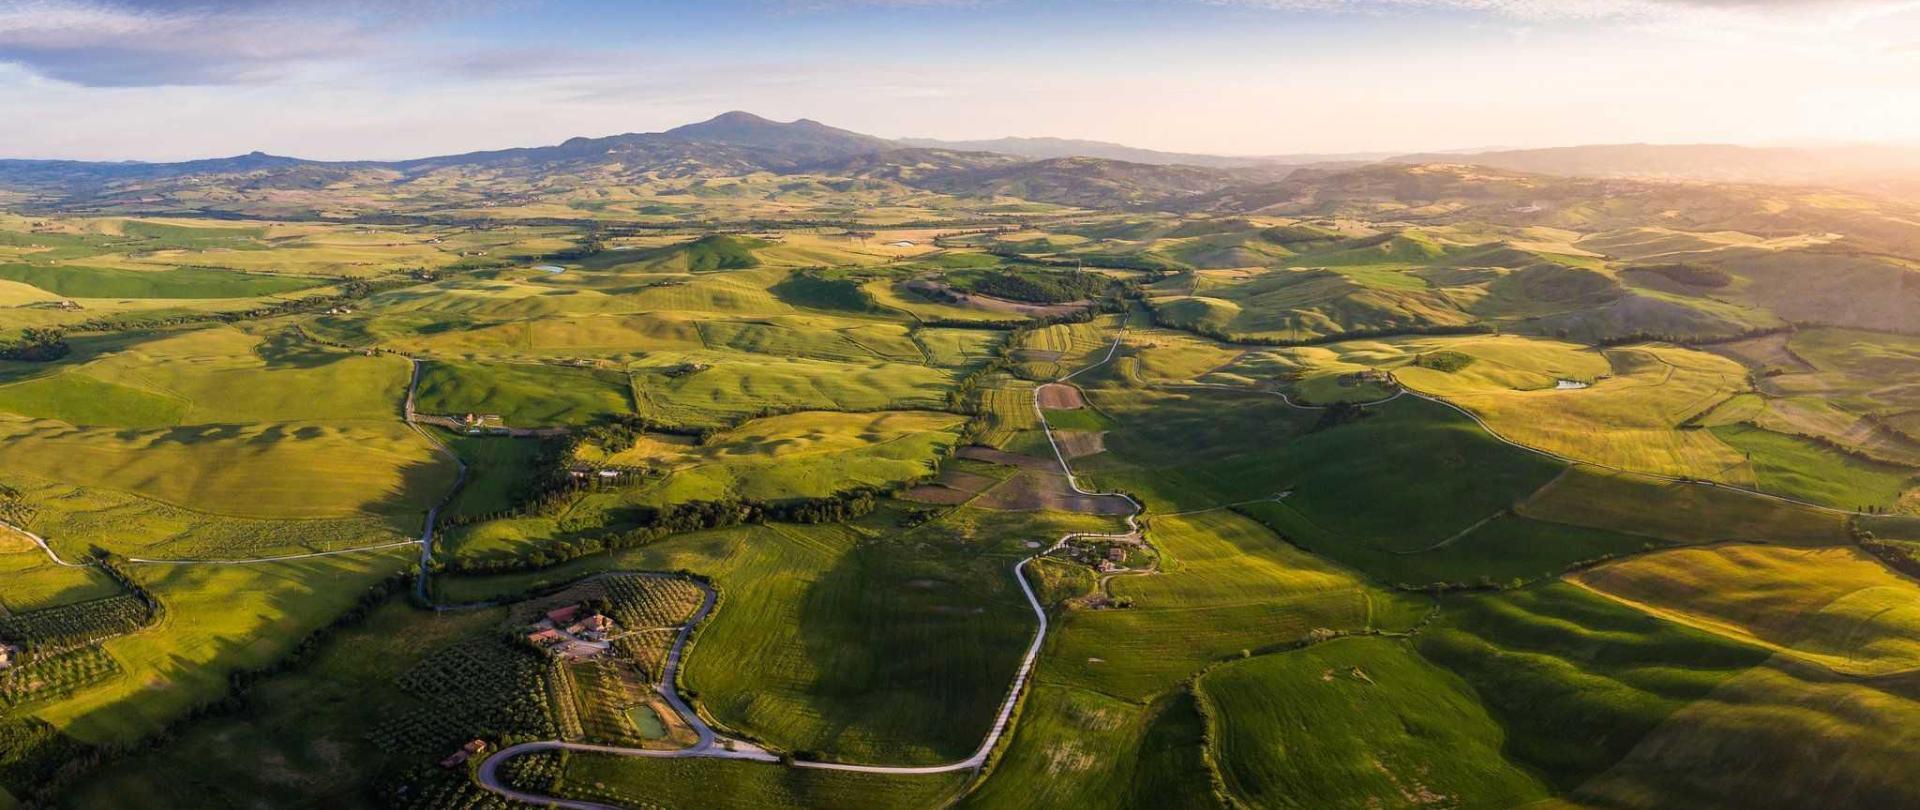 tuscany_panorama-2.jpg